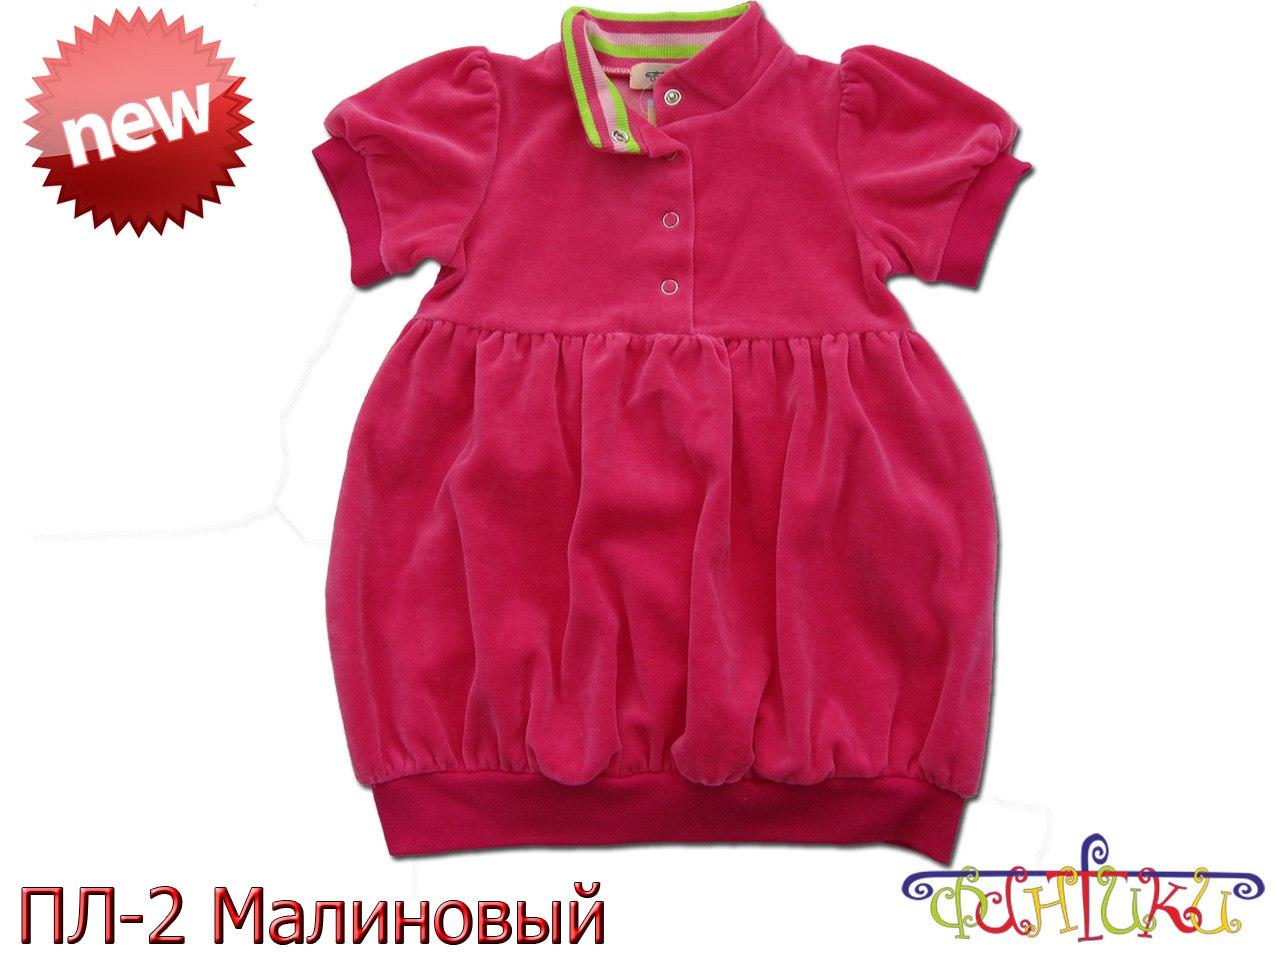 Детская Одежда Фантики